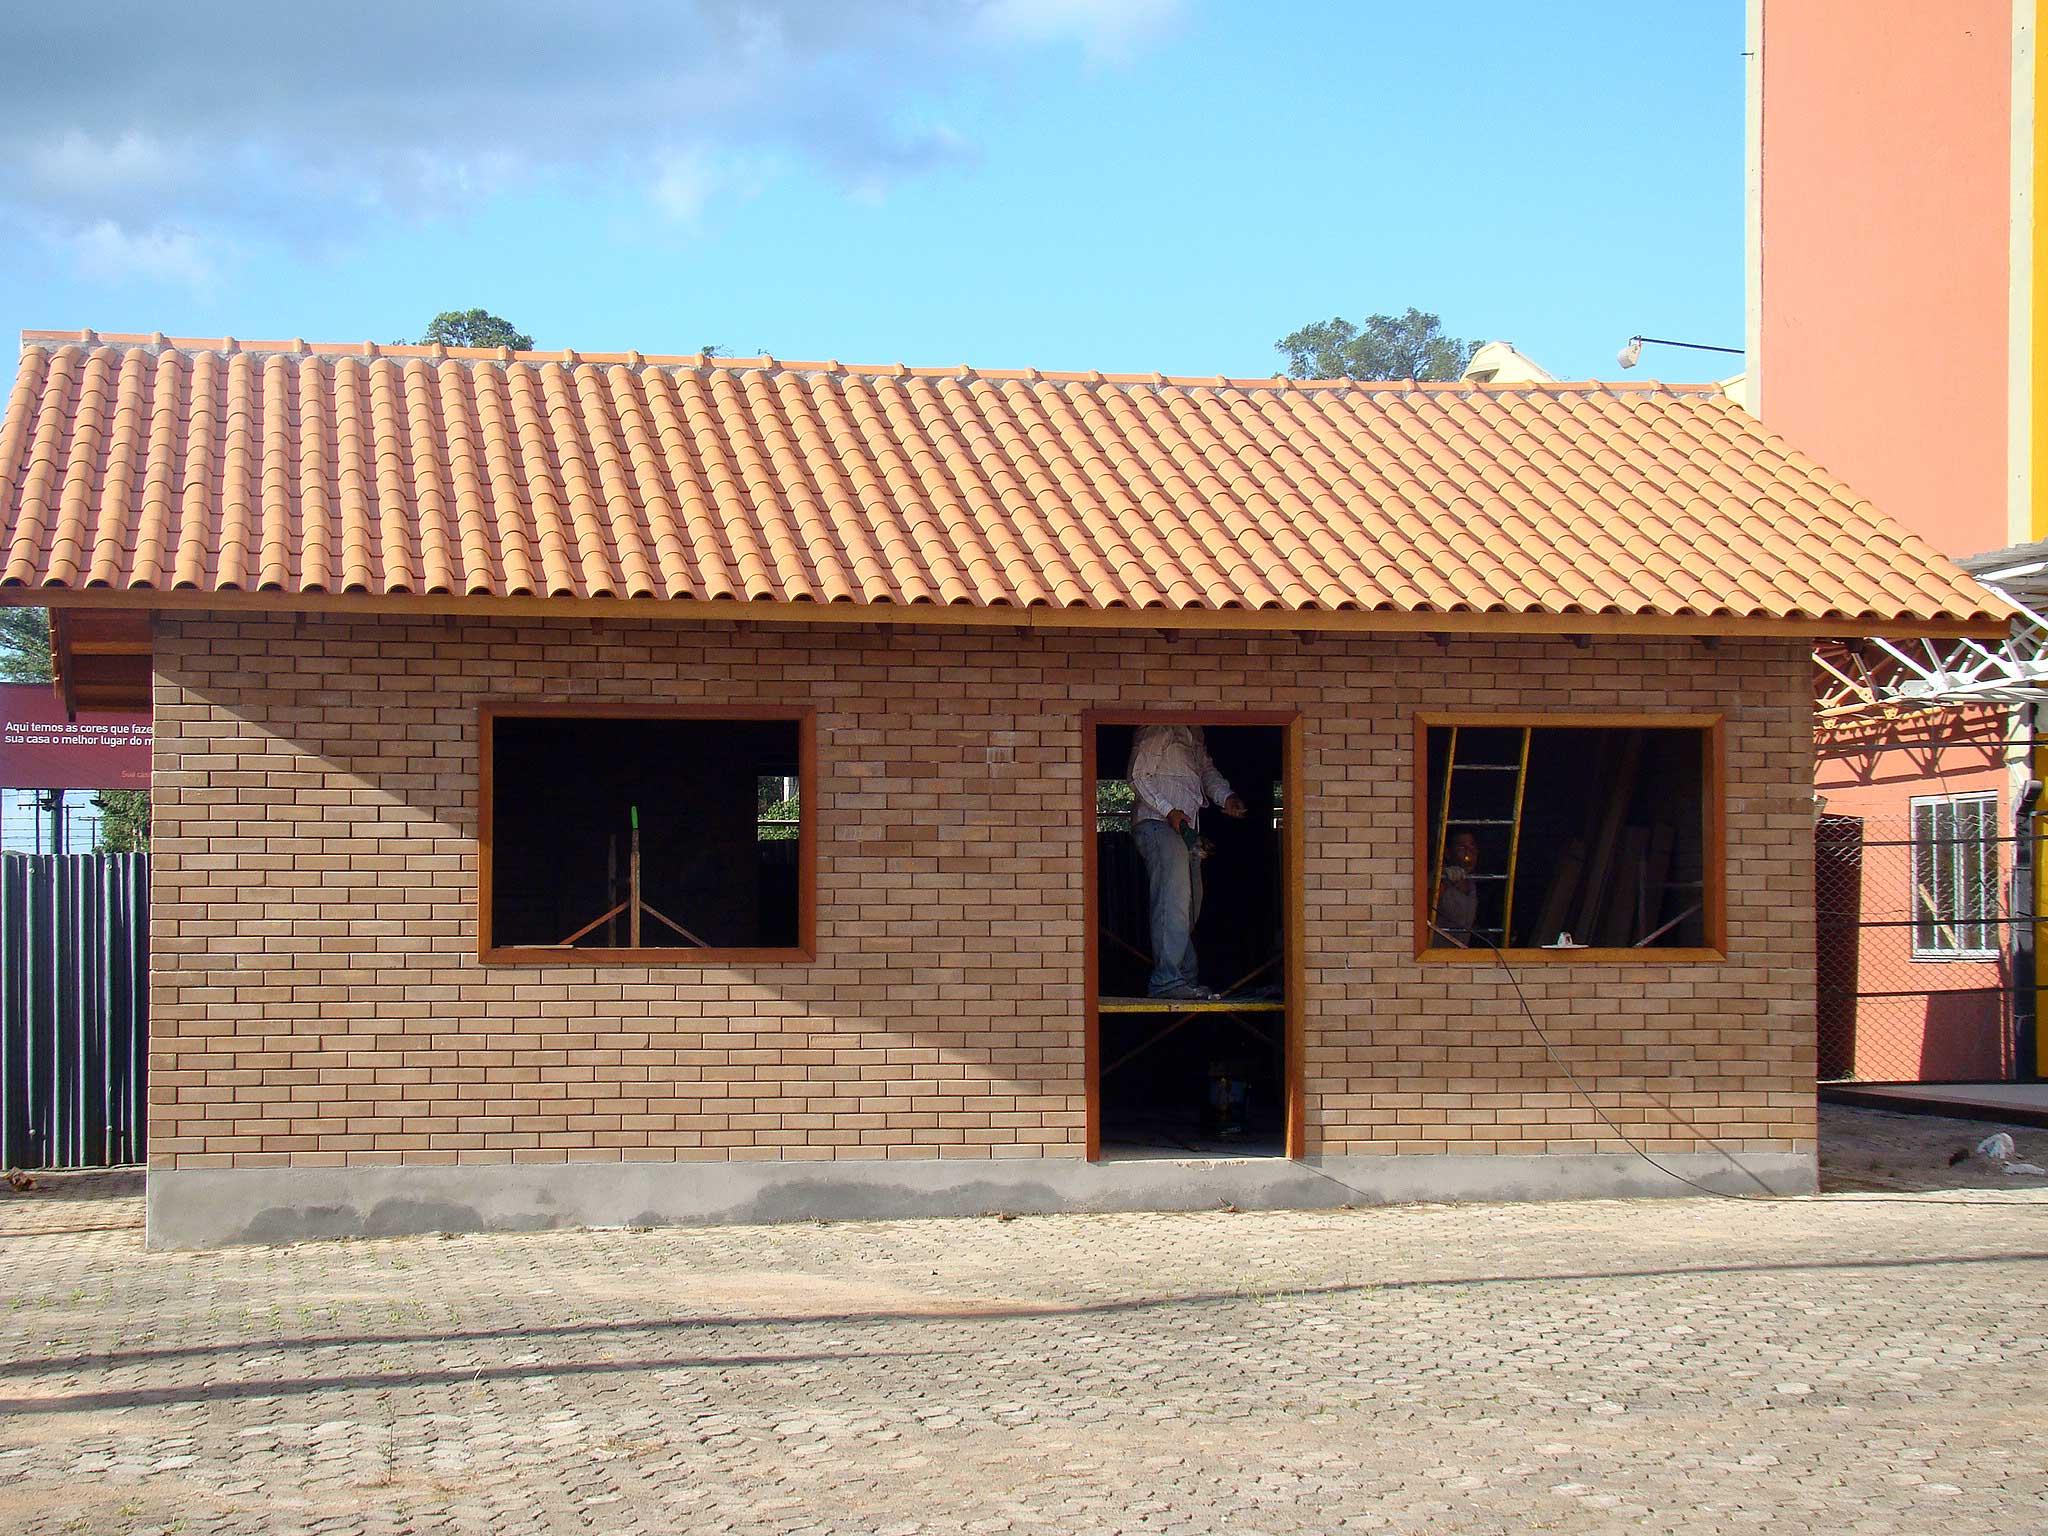 casa reciclada1 #0D82BE 2048x1536